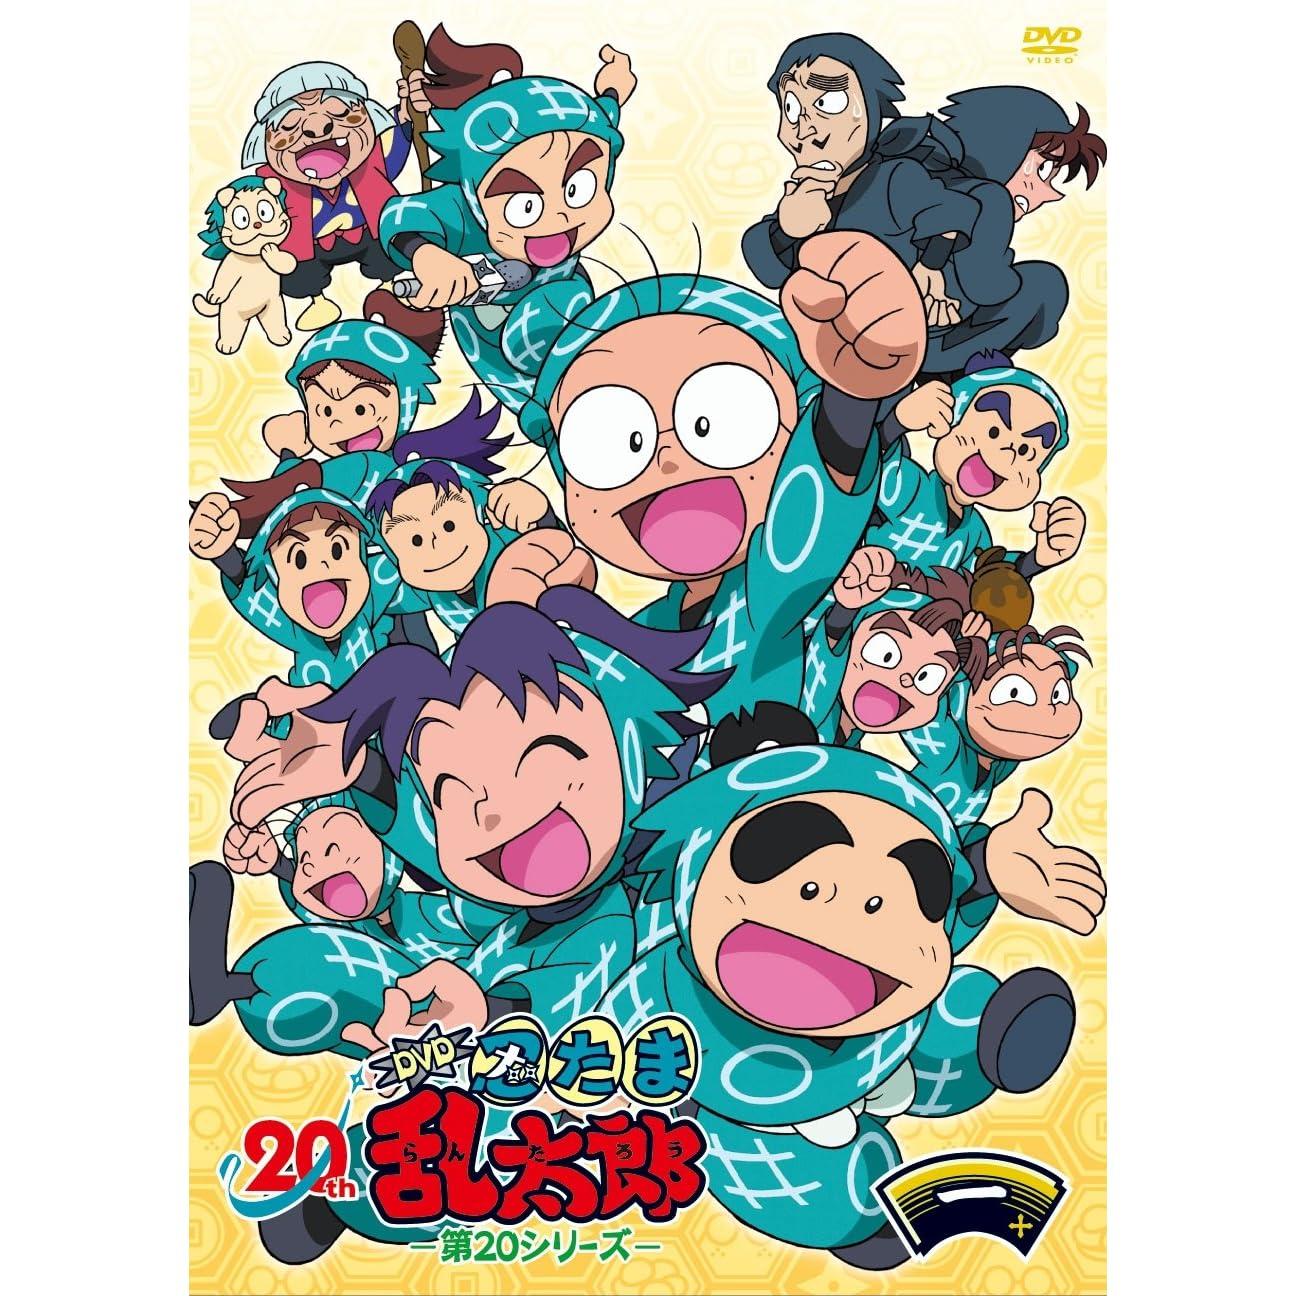 忍たま乱太郎(第20シリーズ)